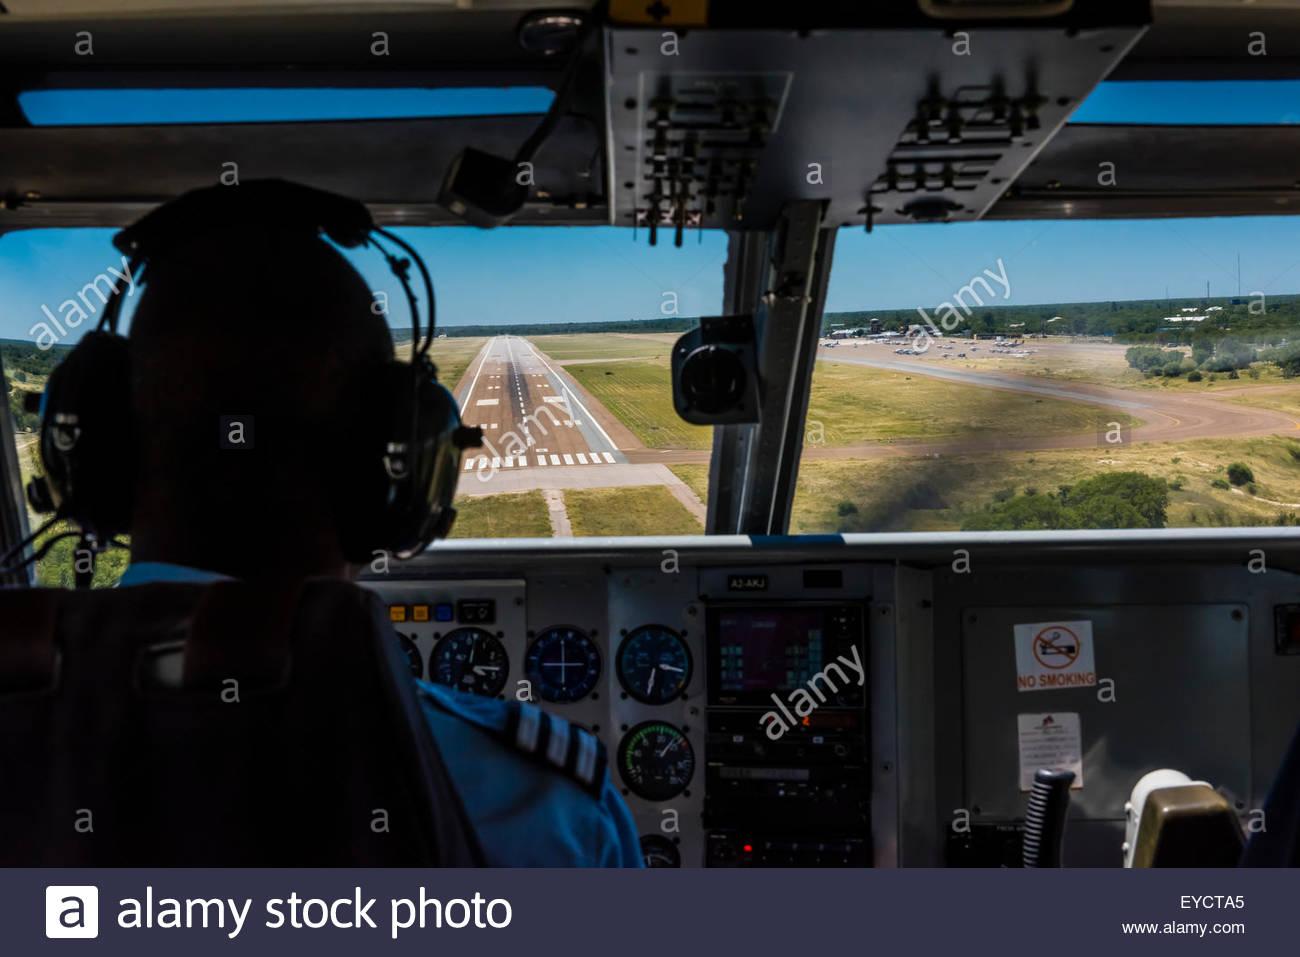 Landing at the airport at Maun, Botswana in transit from Lebala safari camp, Kwando Concession. - Stock Image